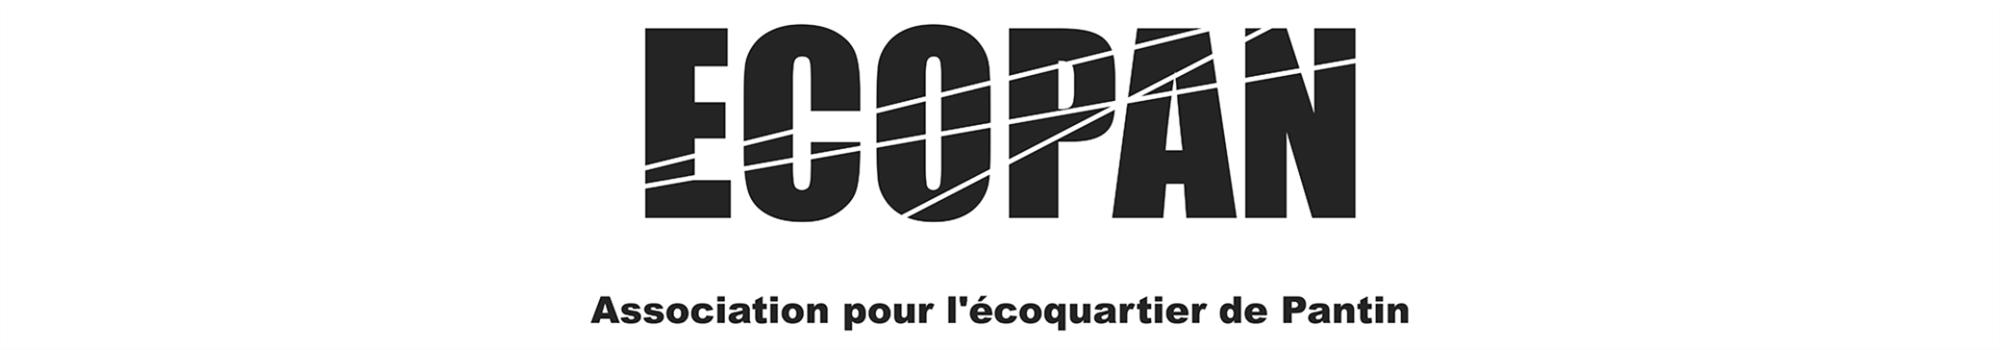 Adhésion 2016 ECOPAN - ECOPAN